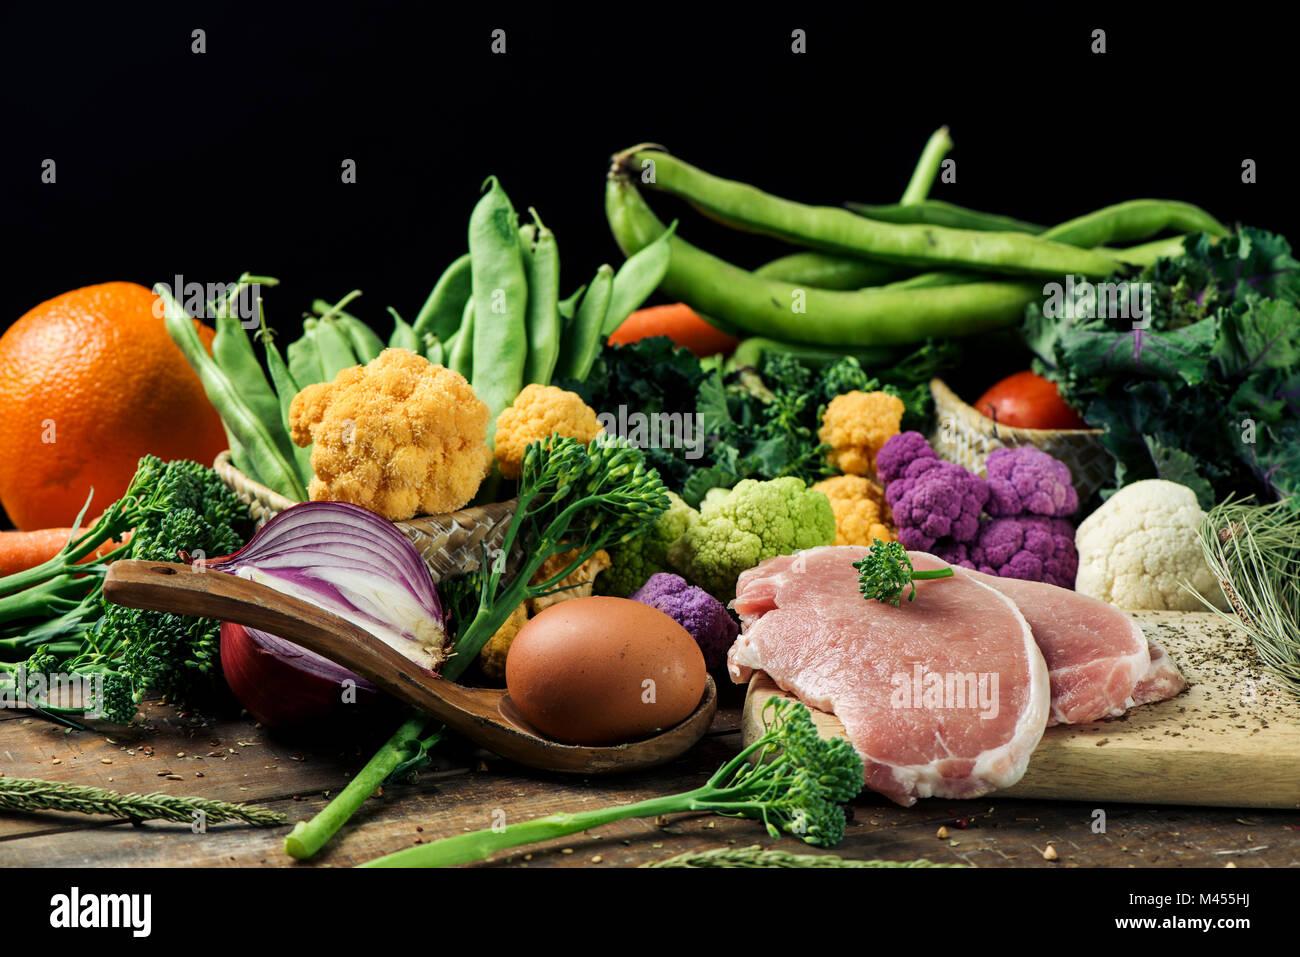 Un mucchio di alcuni frutti e alcune diverse verdure crude, come i cavolfiori di diversi colori, broccolini o fagiolini, e qualche uova e qualche sl Foto Stock